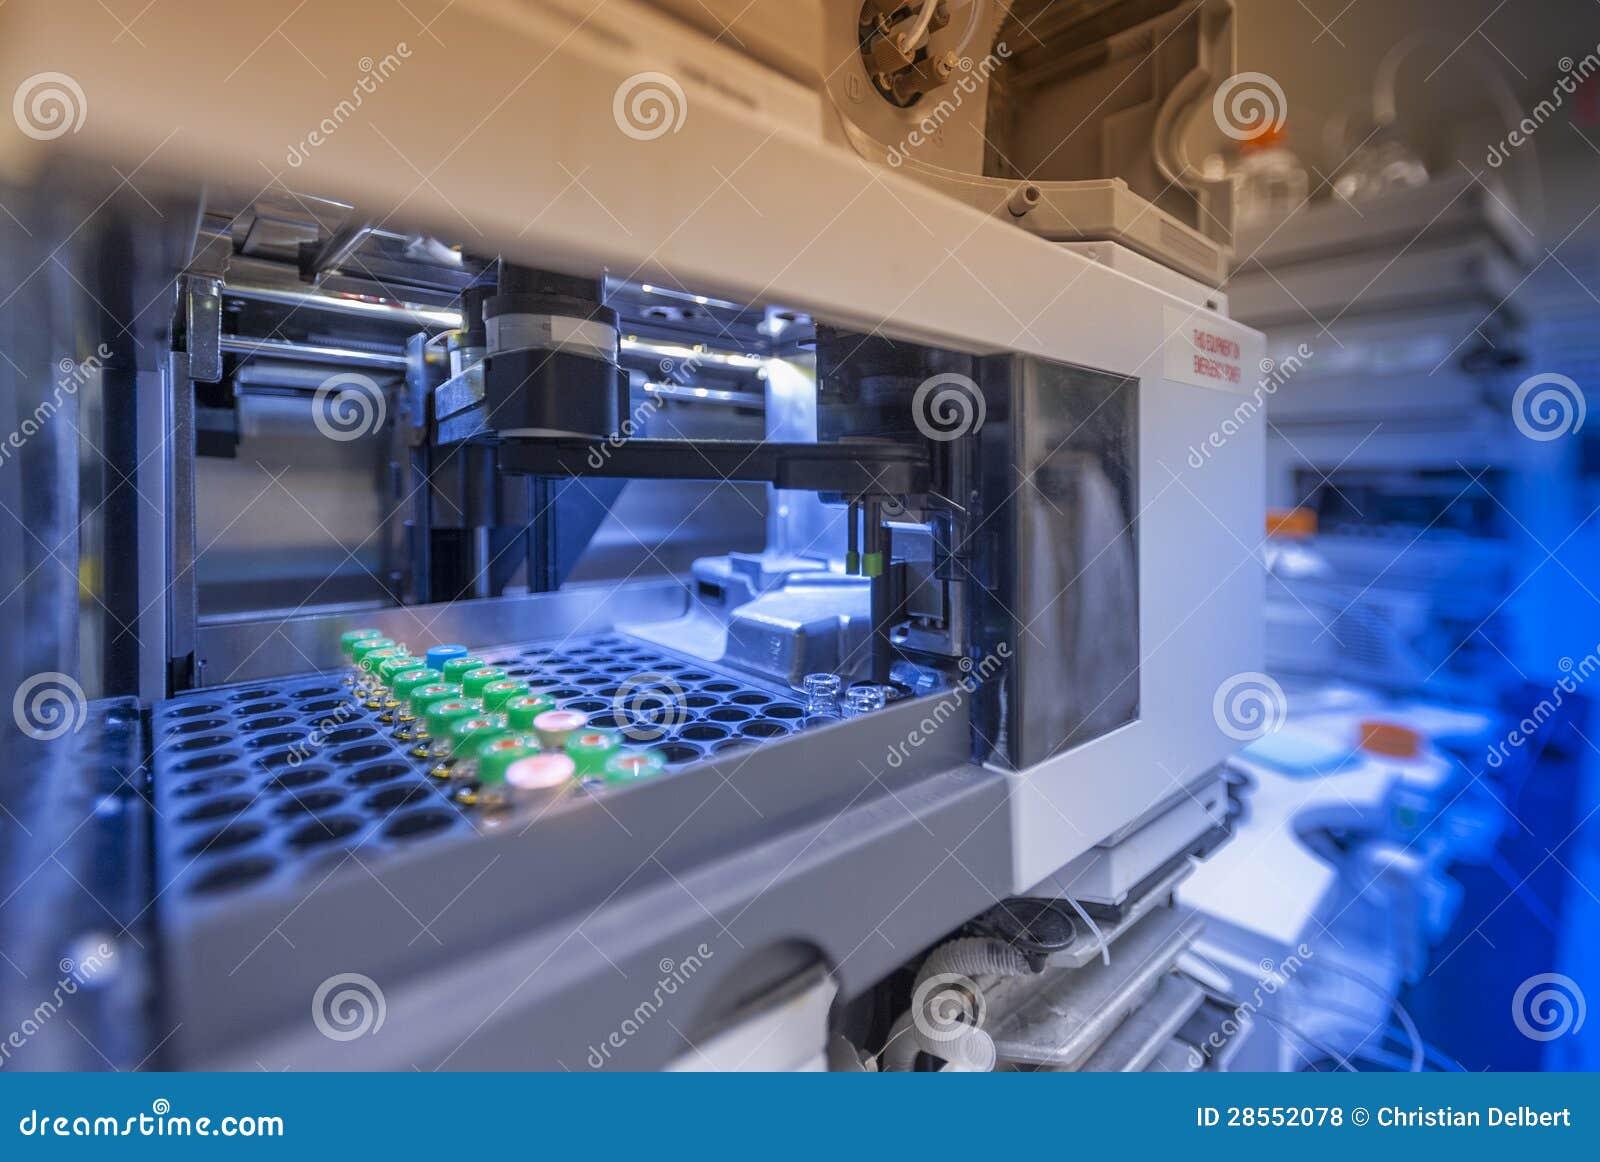 Εργαστηριακό υλικό βιοτεχνολογίας